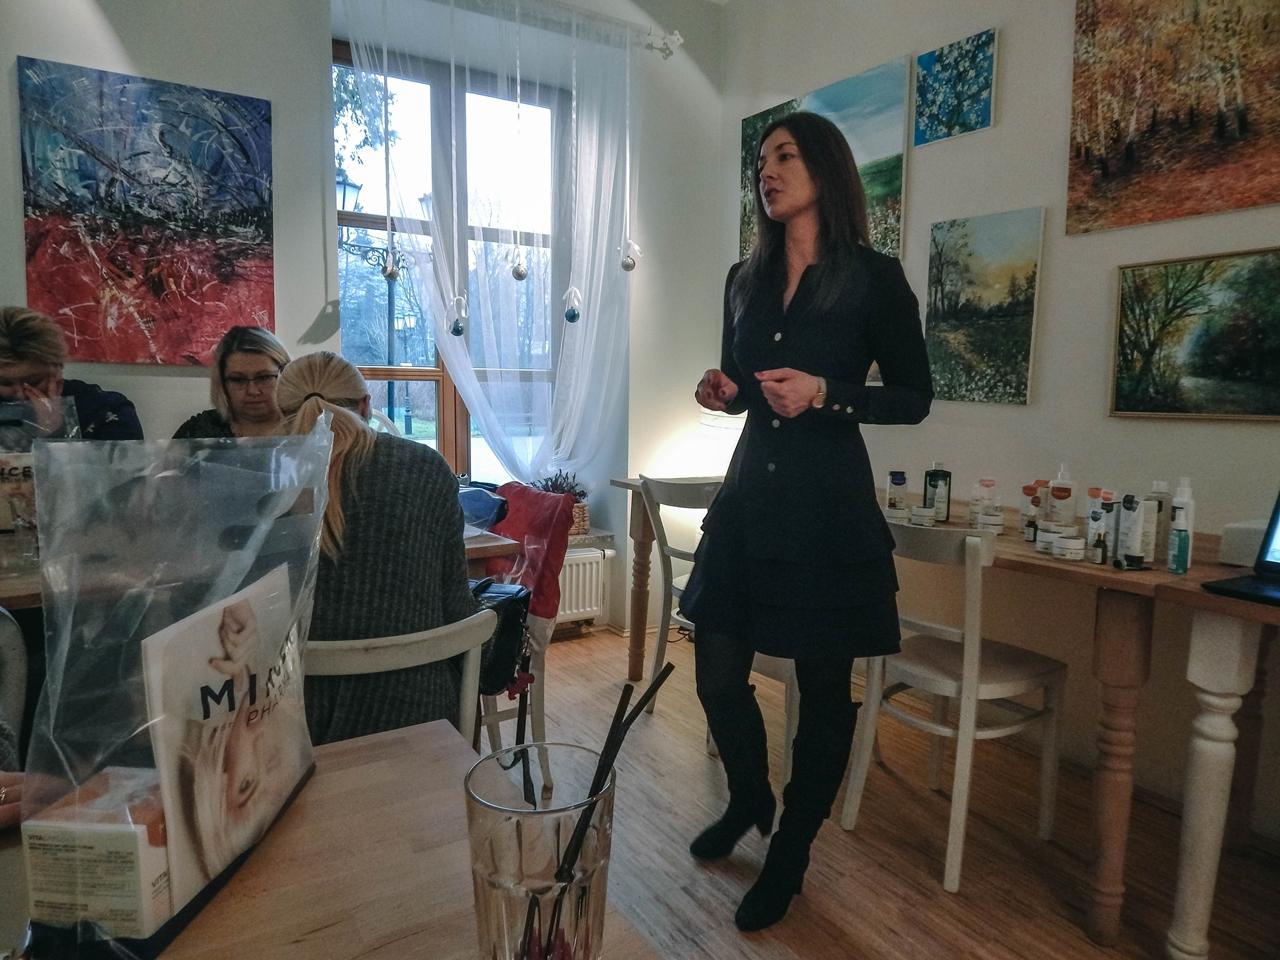 4 spotkanie blogerek mikołajki łódź 2017 akademia urody melodylaniella łódź blog beauty lifestyle fashion moda kulinaria instagram łódź influencer